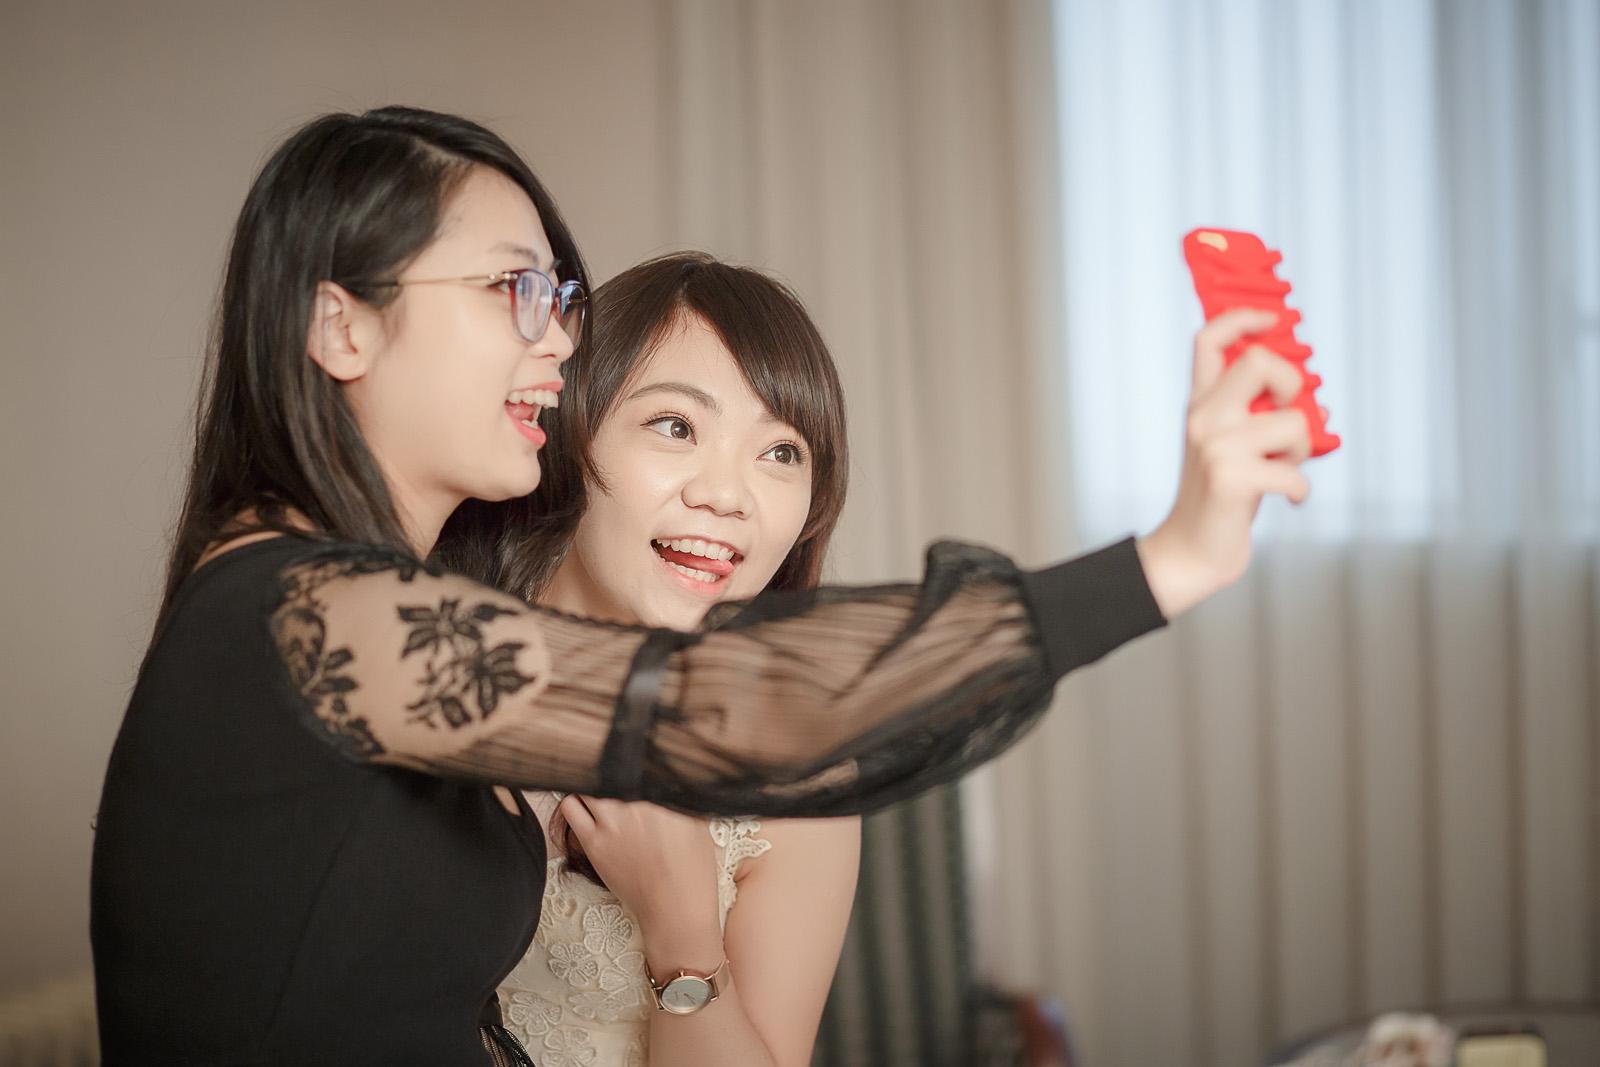 高雄圓山飯店,婚禮攝影,婚攝,高雄婚攝,優質婚攝推薦,Jen&Ethan-005